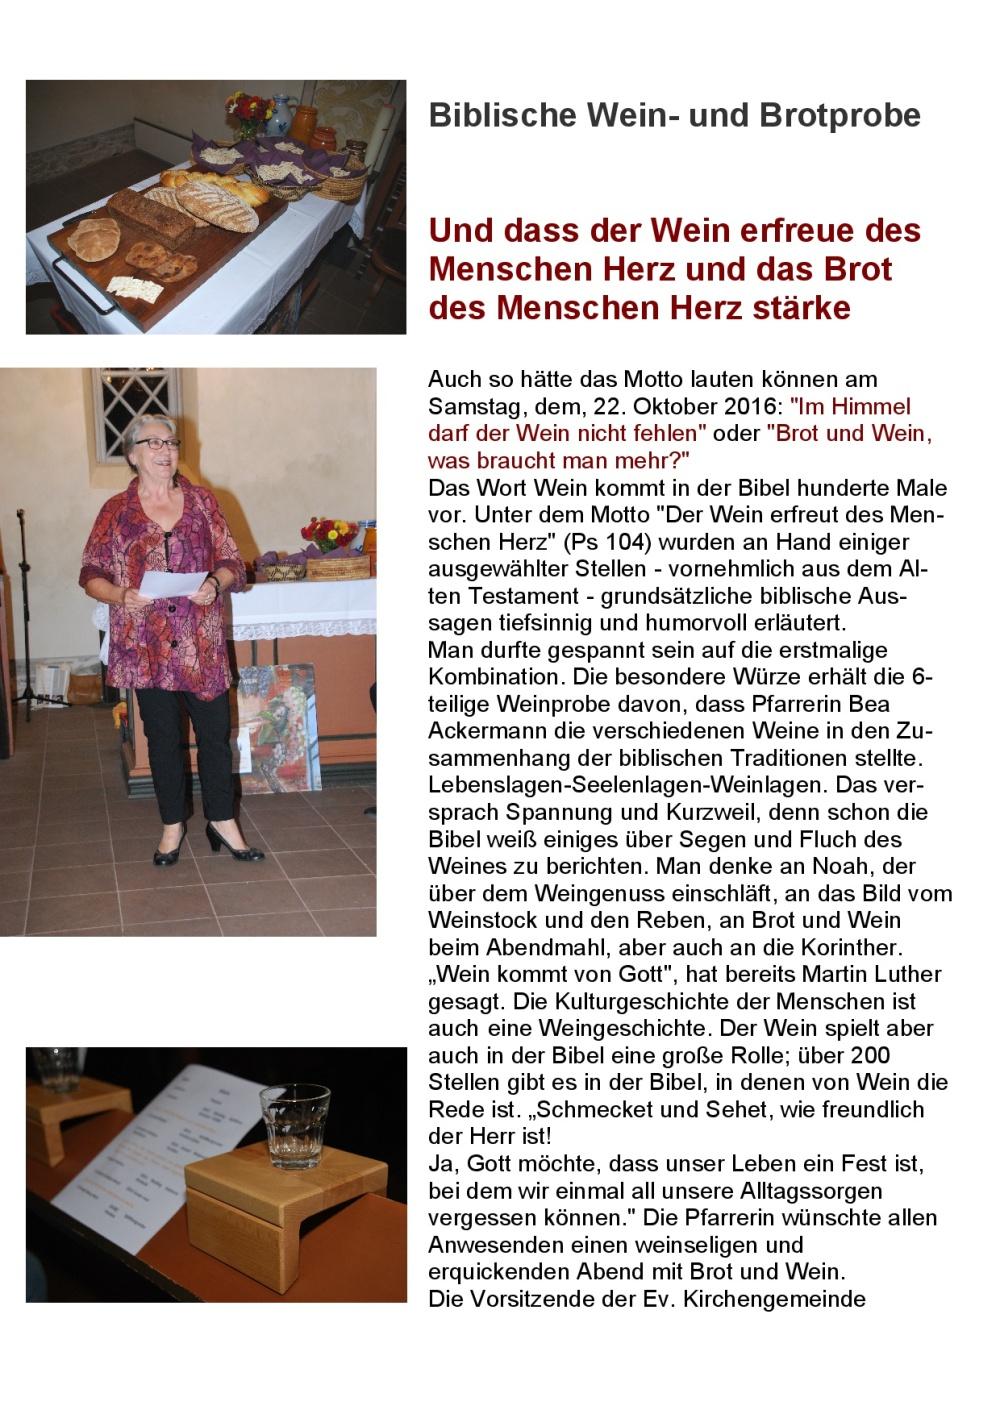 2016-10-22-biblische-wein-001